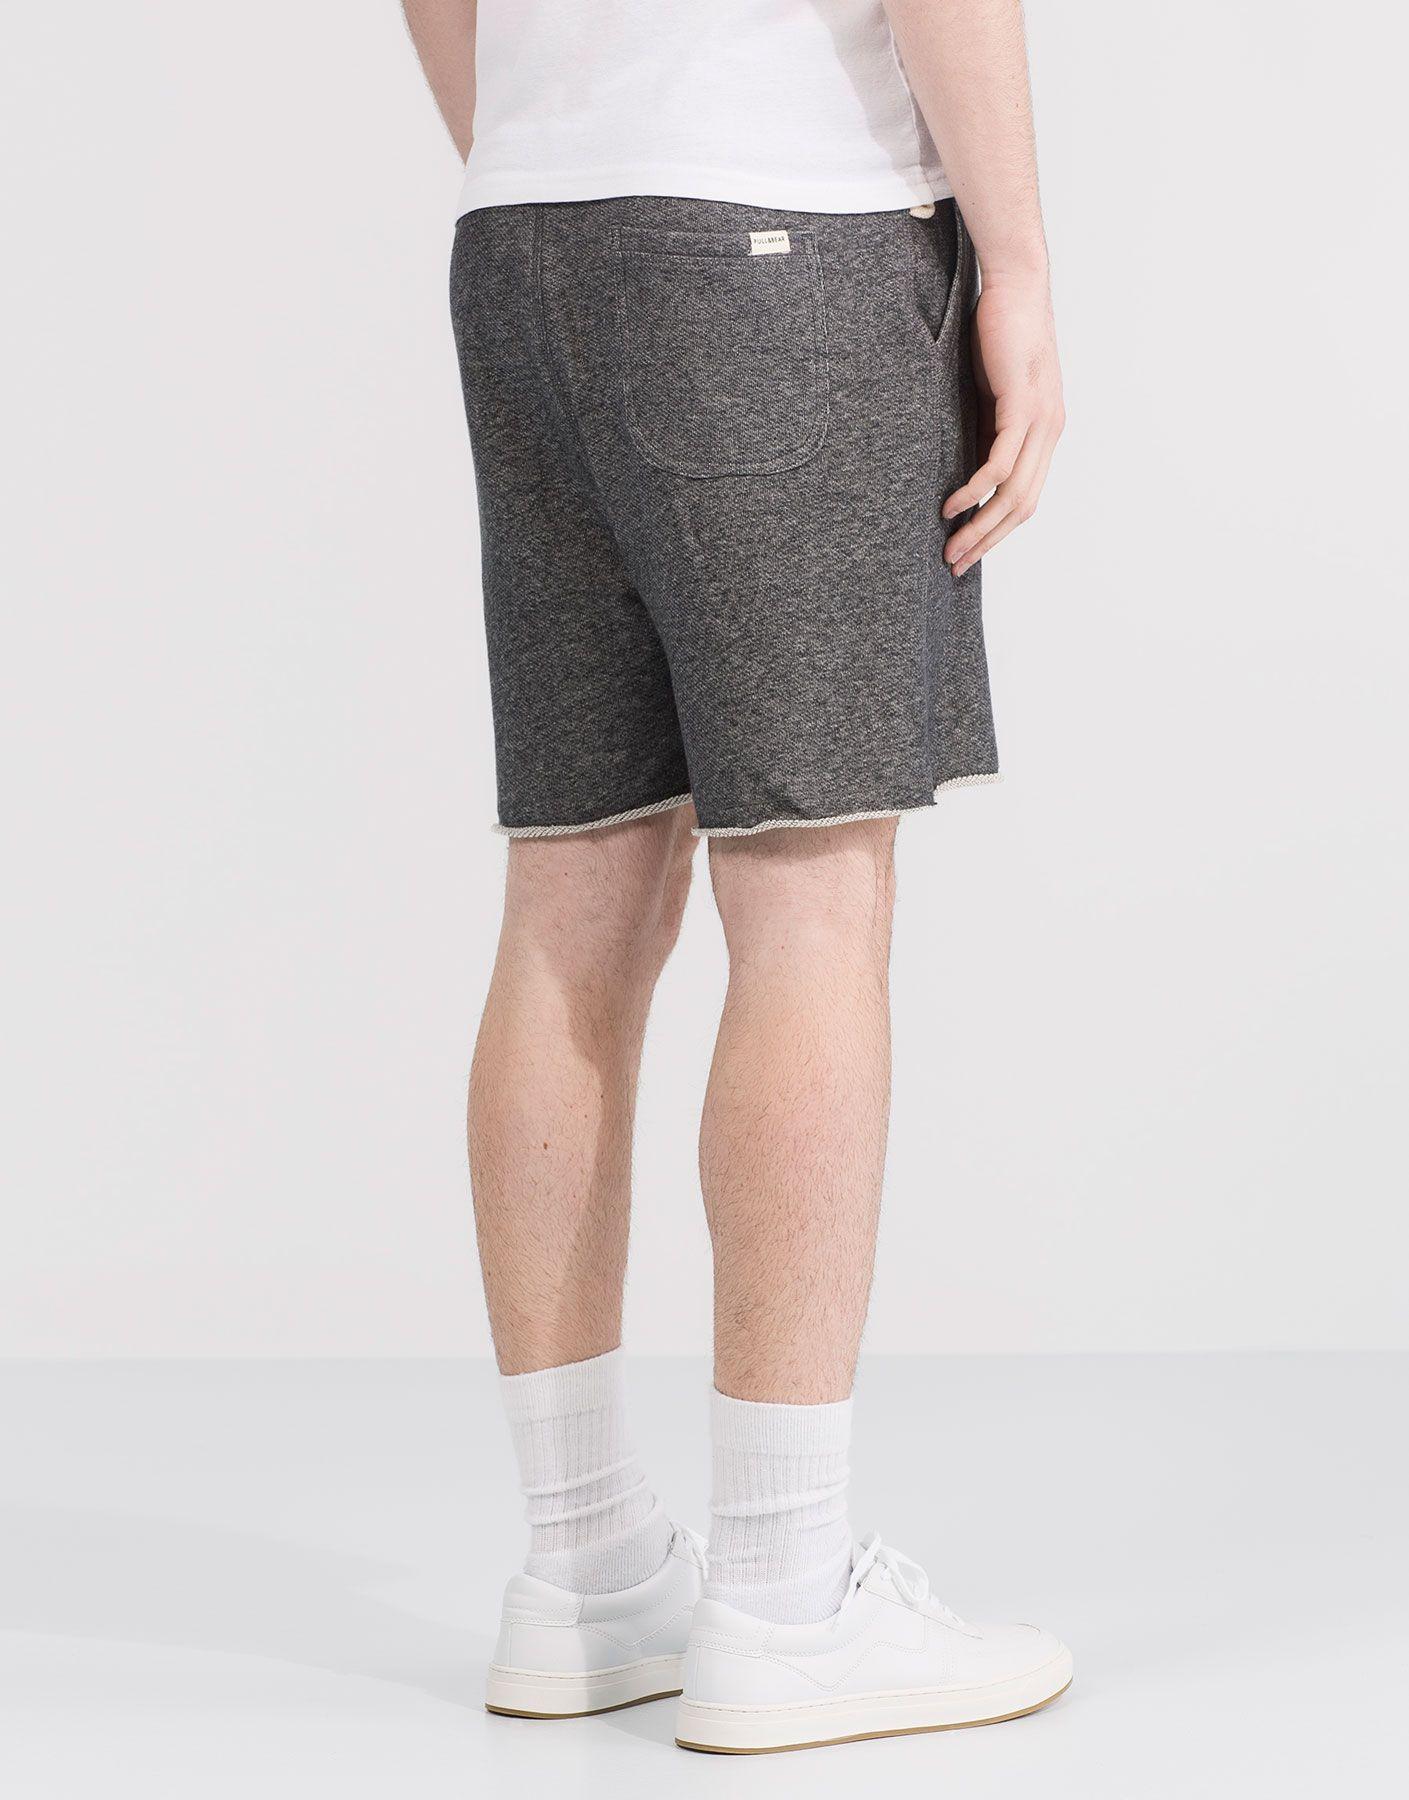 en pies tiros de variedades anchas amplia selección de colores Pin on Bermuda shorts Men